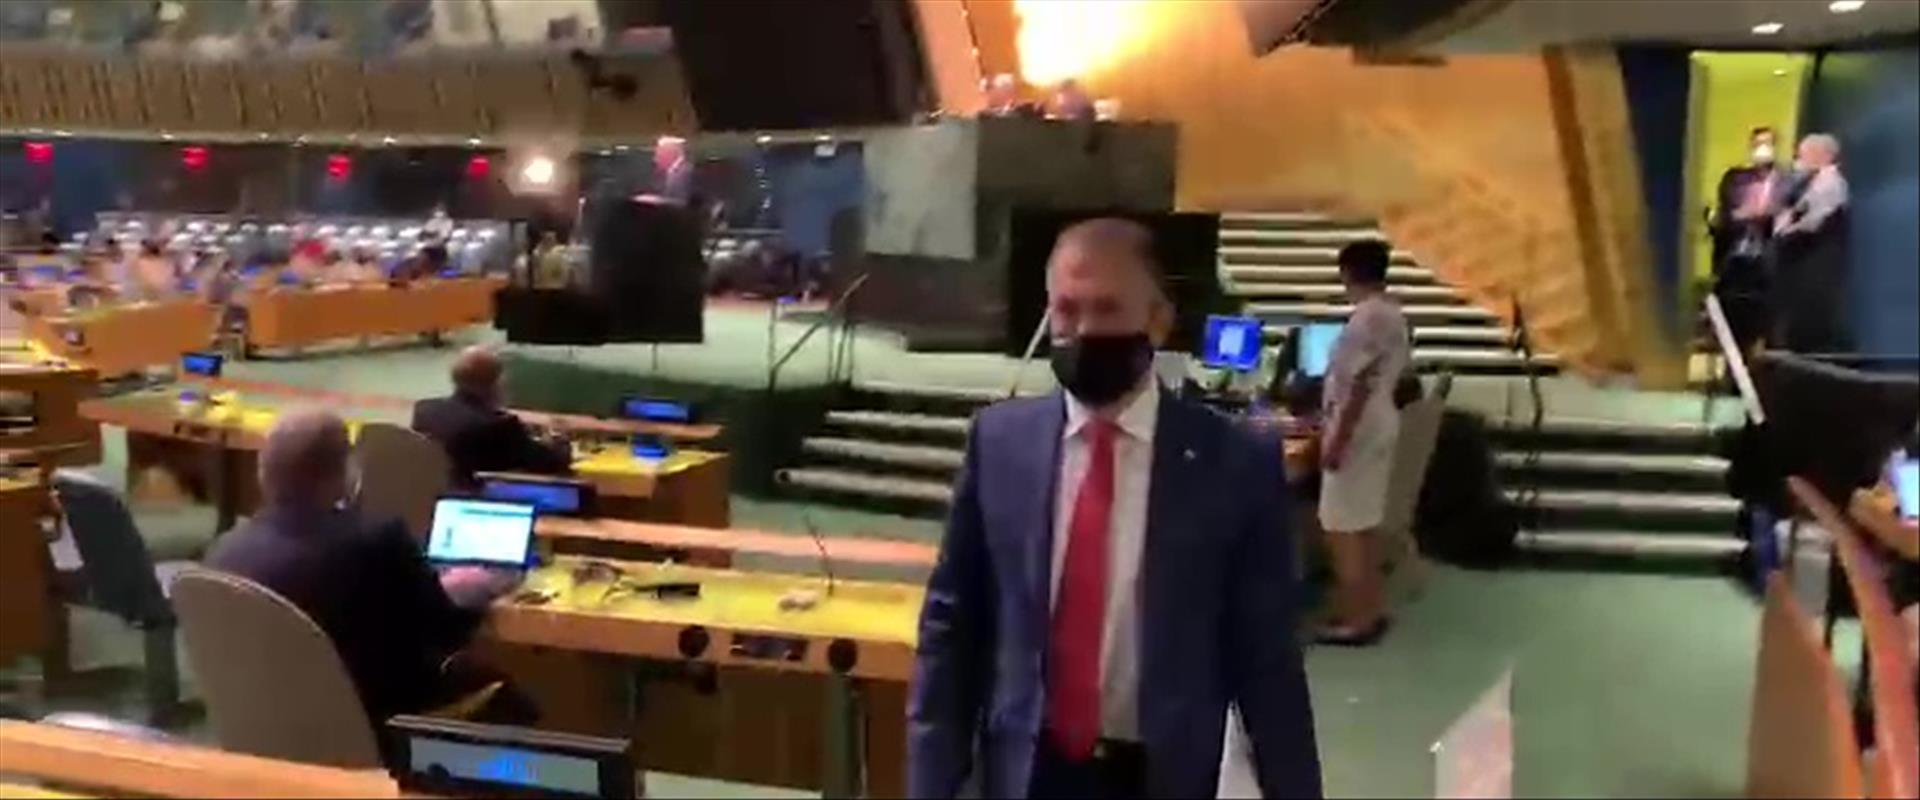 """ארדן עוזב את הדיון באו""""ם"""